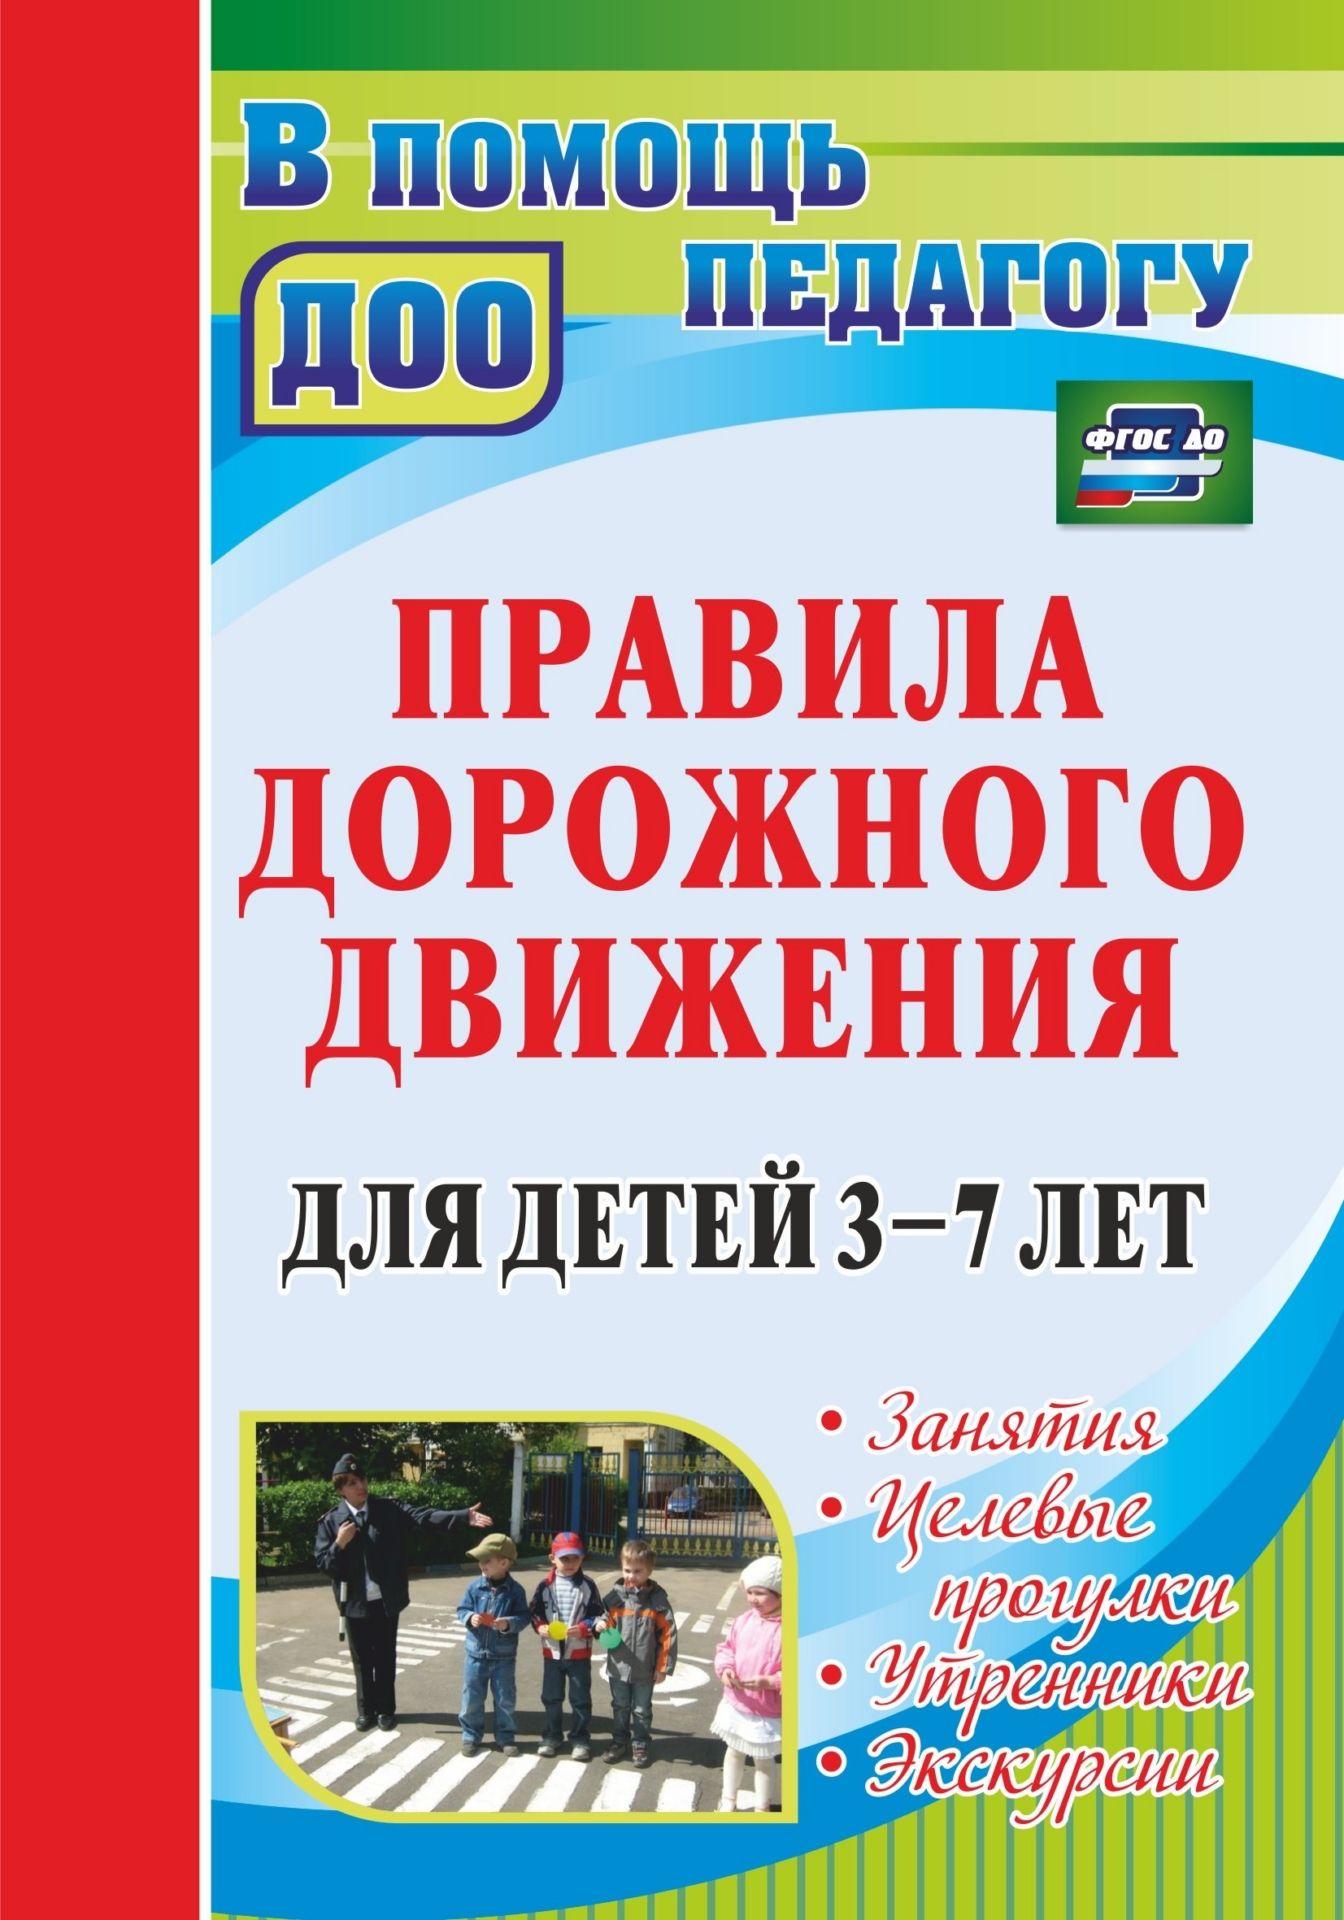 Купить со скидкой Правила дорожного движения для детей 3-7 лет: занятия, целевые прогулки, утренники, экскурсии